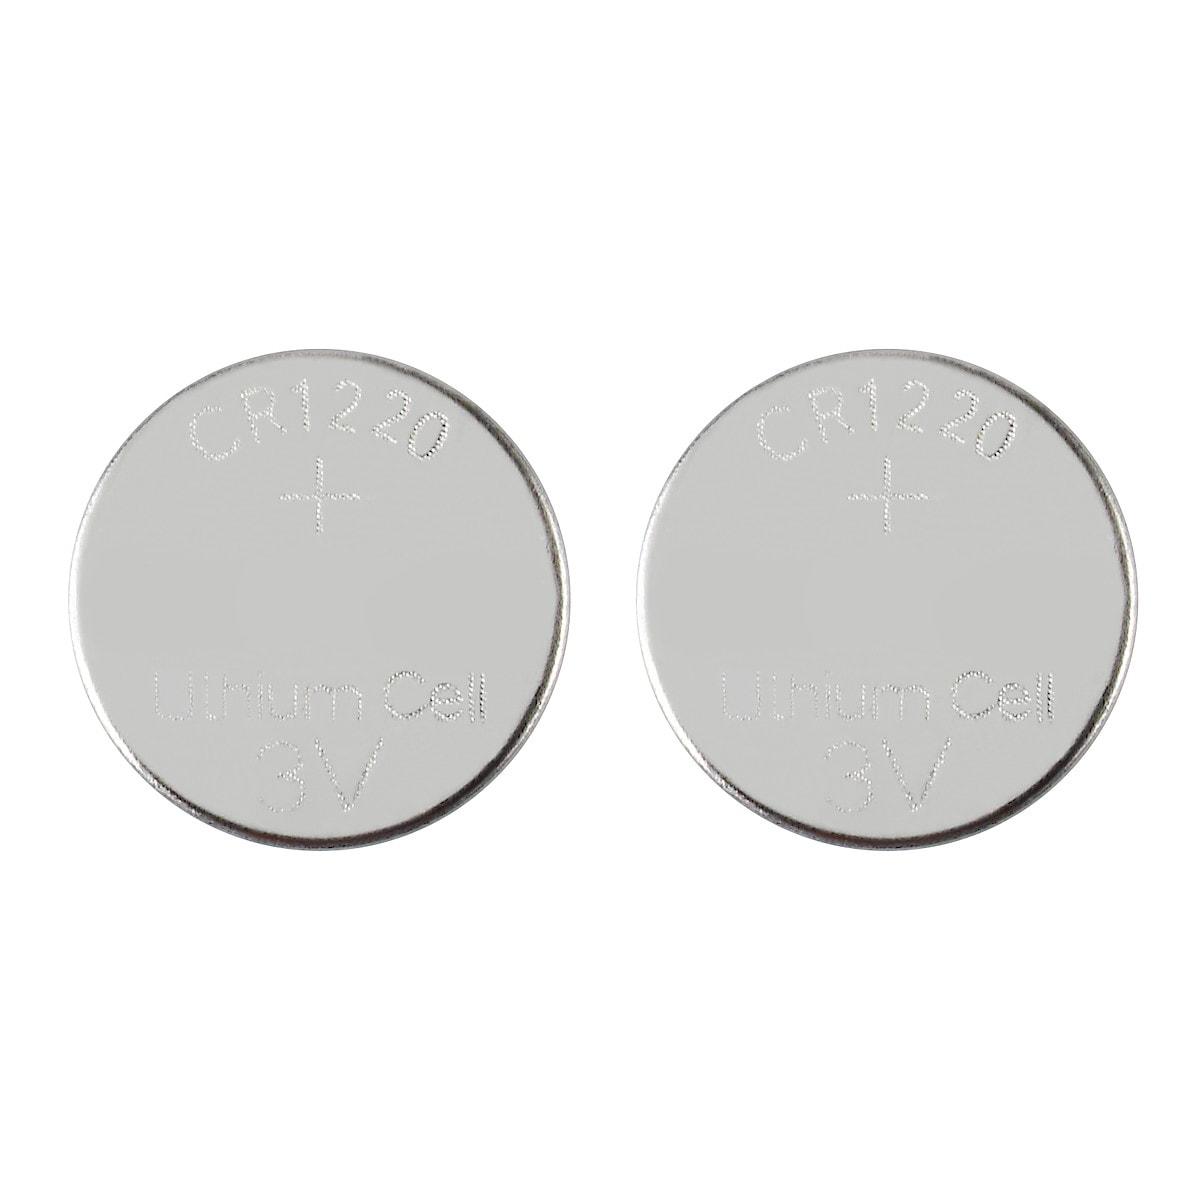 Knappcellebatterier CR1220, 2-pack